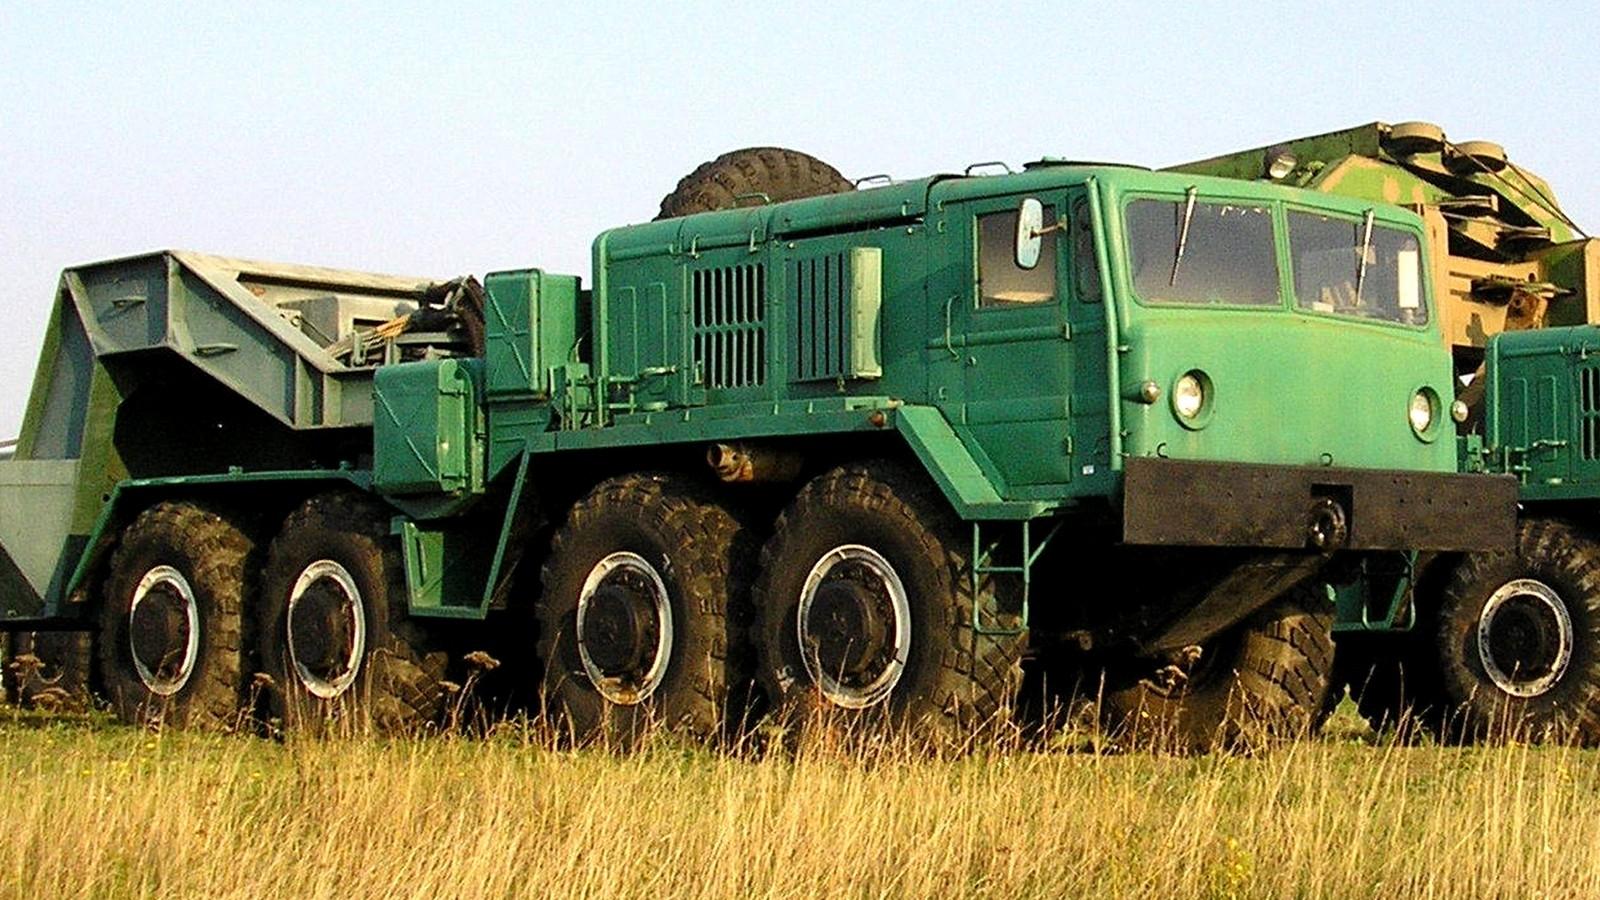 Спецтягач РВСН МАЗ-537Е с электро- и гидропневматическими системами